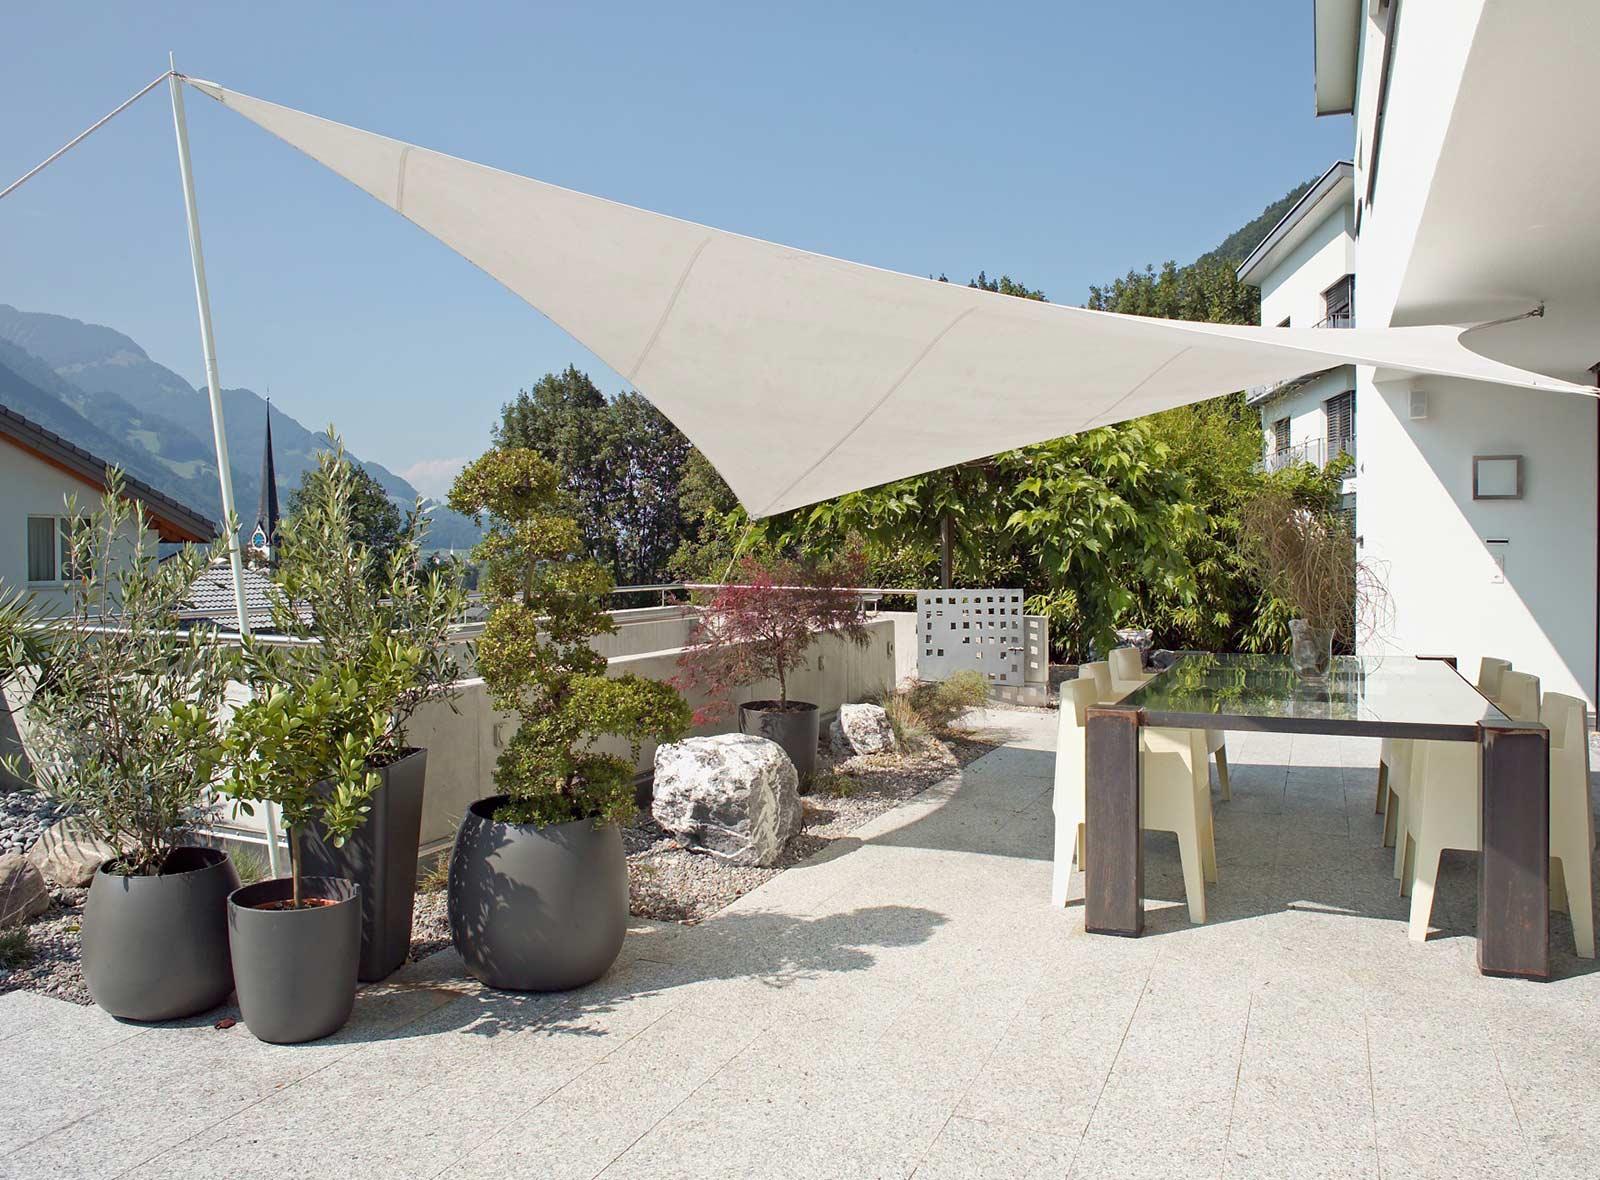 Ambiente f r garten terrasse oder balkon bestswiss - Terrasse hoher als garten ...